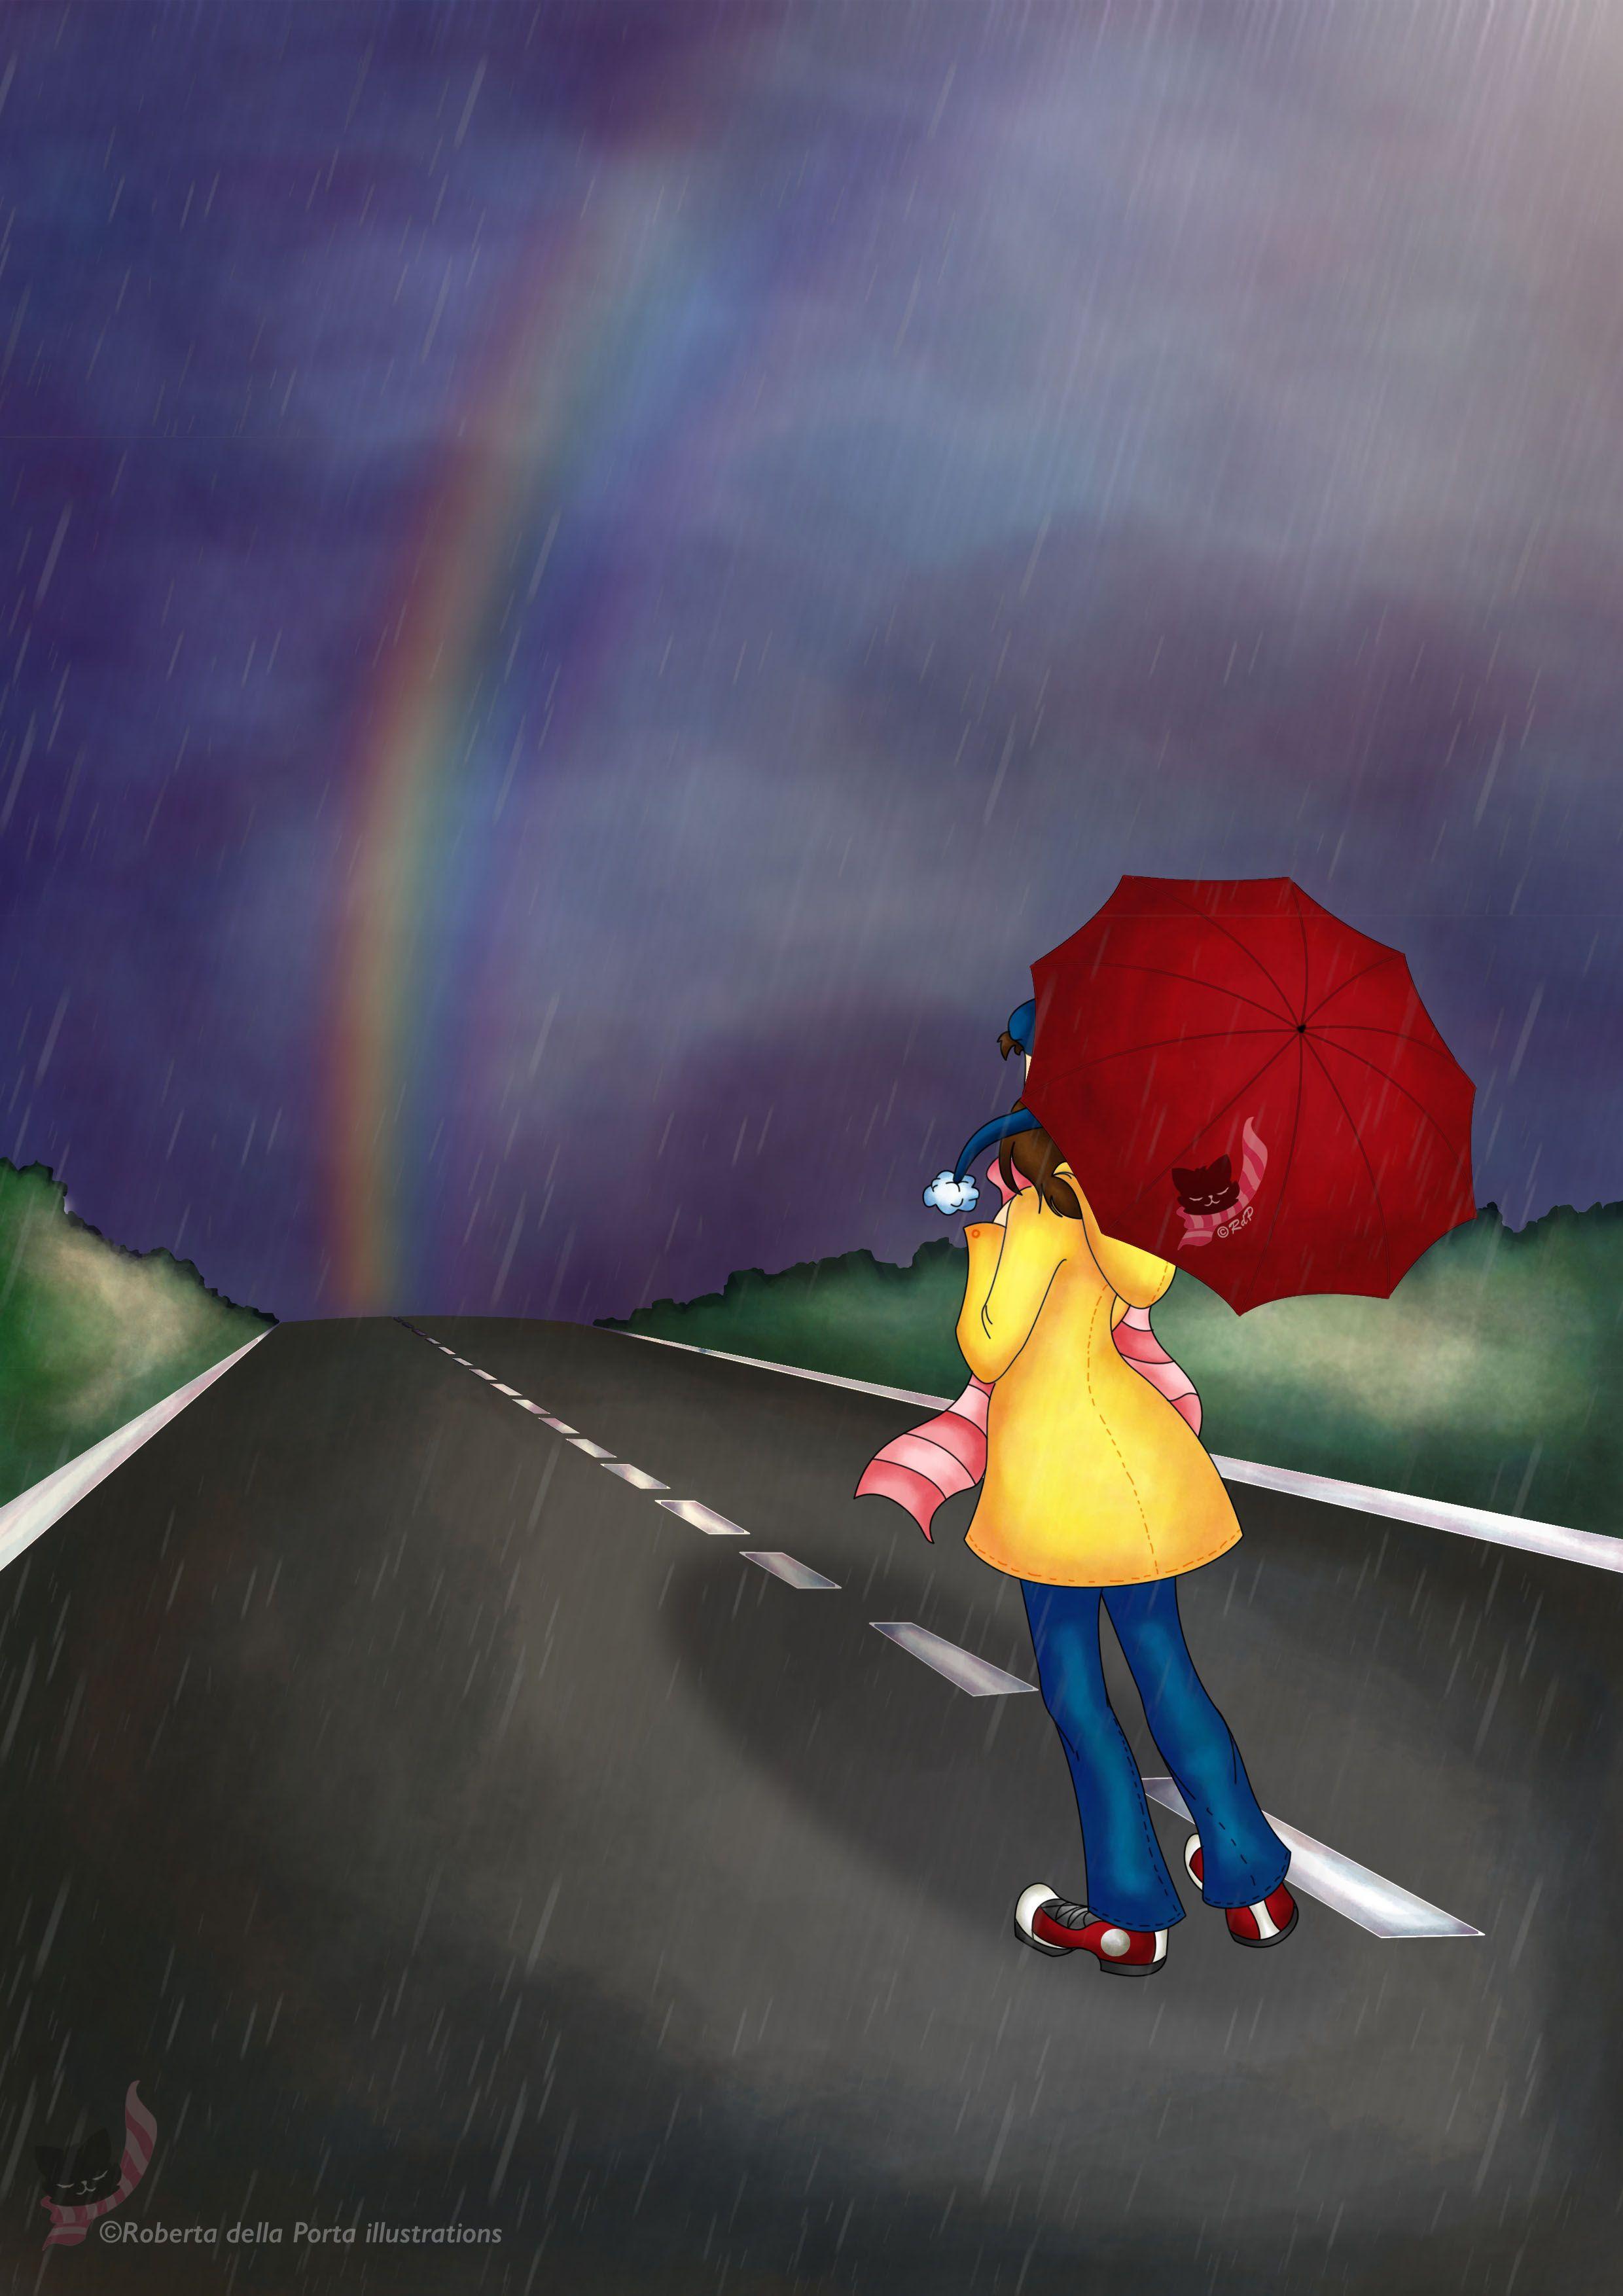 """""""Hope"""" Per quei momenti in cui sembra sempre andare tutto male, e sognare e sperare sono un buon modo per andare avanti.  Facebook: https://www.facebook.com/robertadellaportaillustrations/?ref=bookmarks Pinterest: https://www.pinterest.com/RdPillustration/ Twitter: https://twitter.com/RdPIllustration?lang=it DeviantART: http://sheep-in-the-moon.deviantart.com/"""